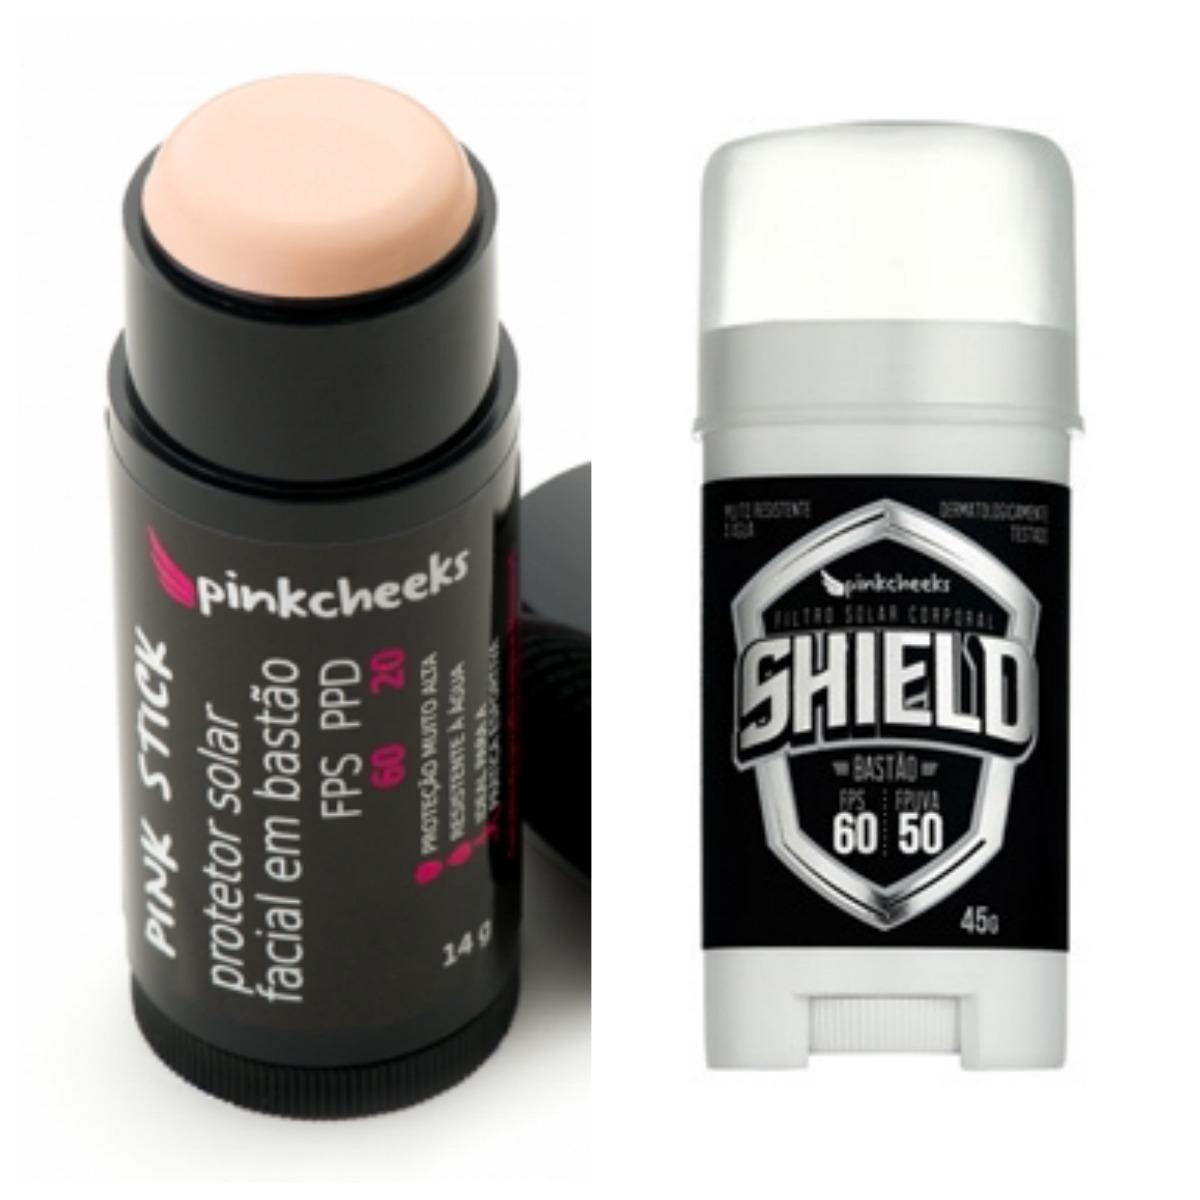 71384a979 Shield E Pink Stick Filtro Solar Em Bastão Pink Cheeks - R  189